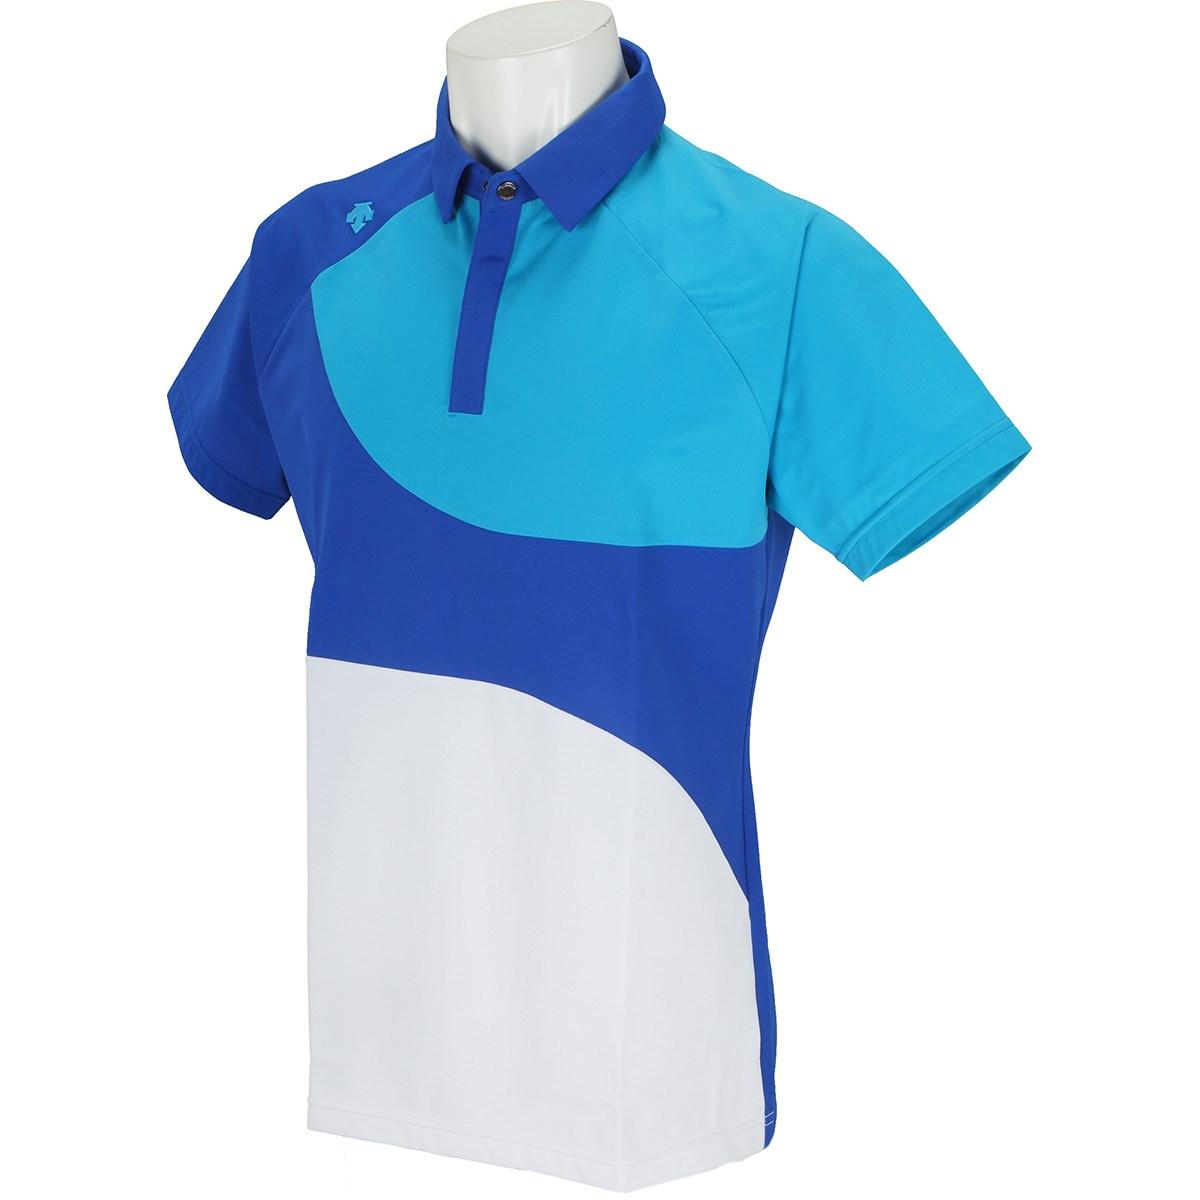 デサントゴルフ(DESCENTE GOLF) クーリストHINERI枯山水切り替え 半袖ポロシャツ